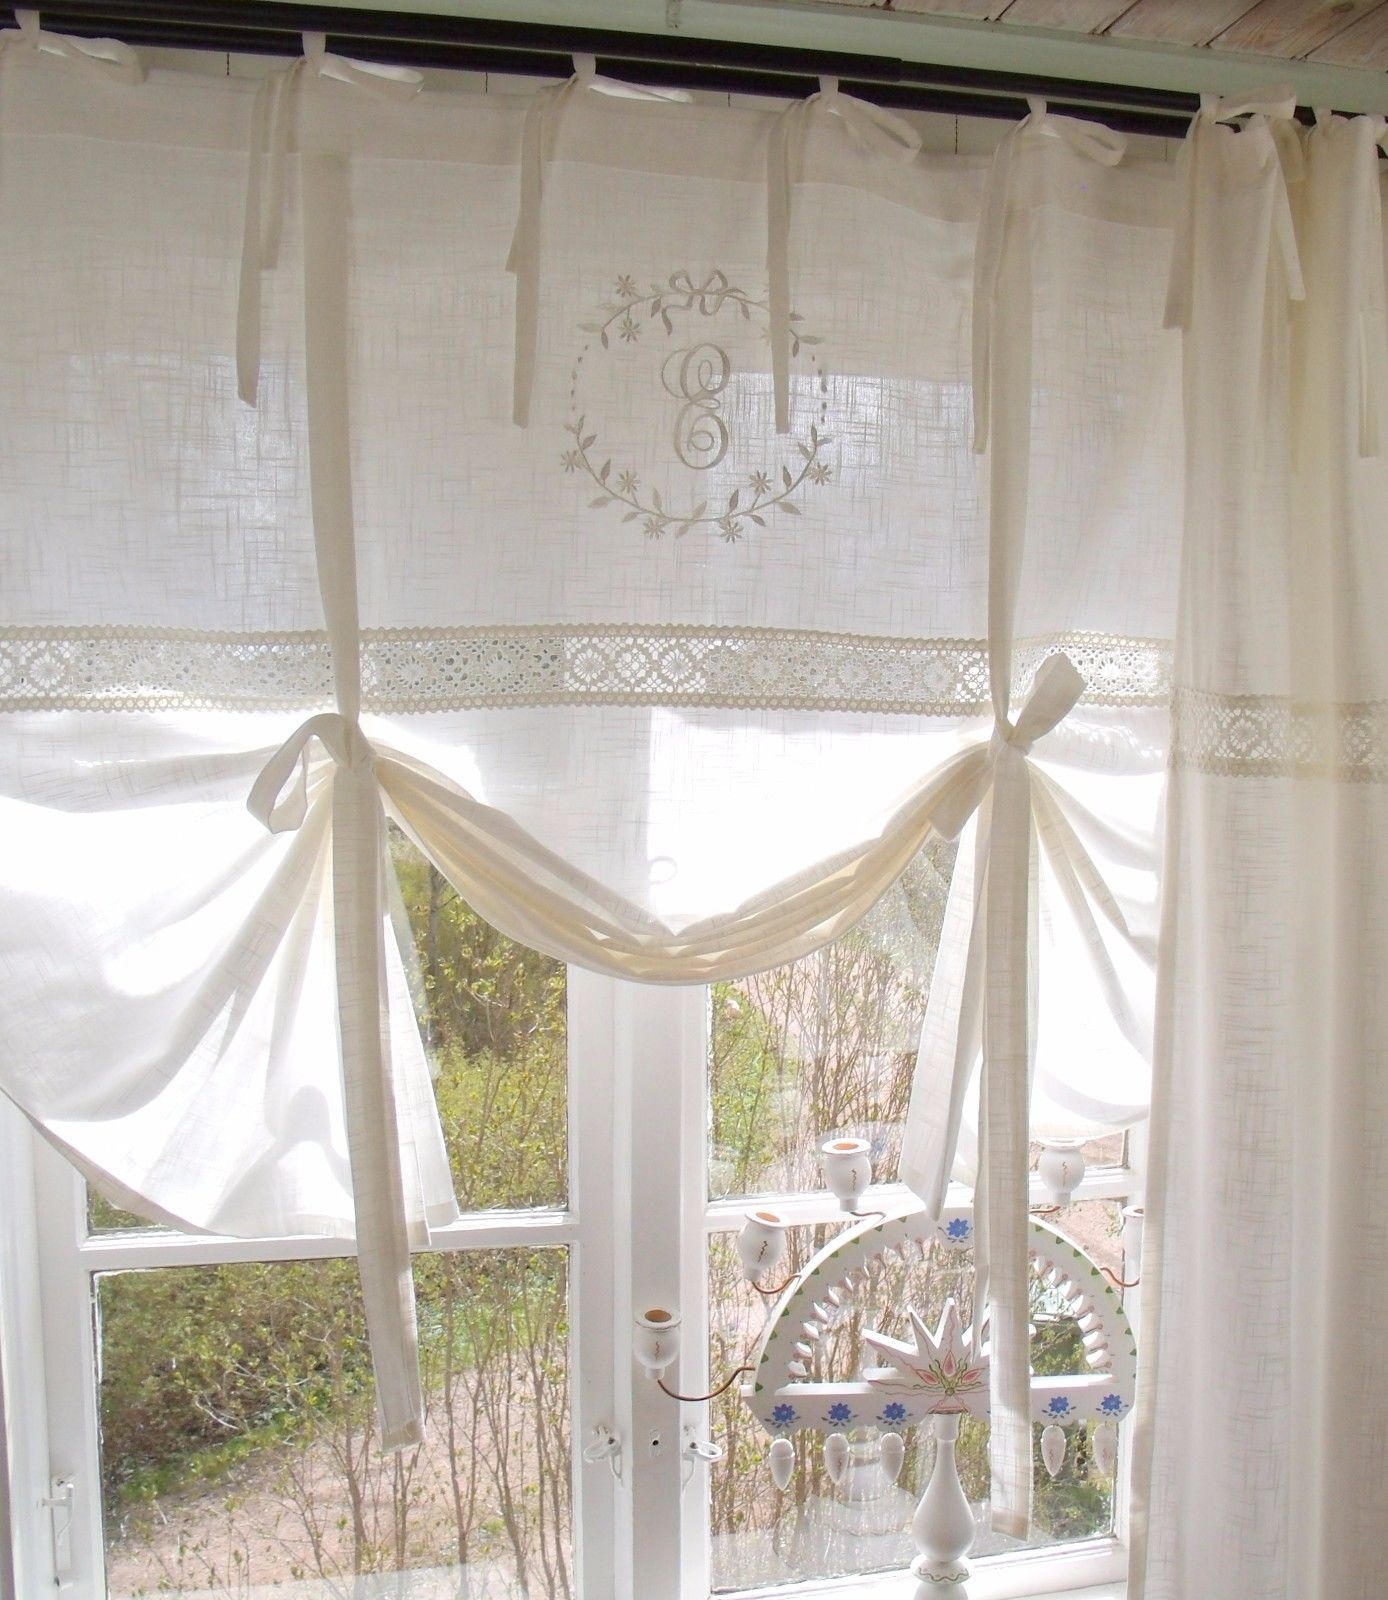 Raff Gardine Emilia Offwhite Bestickt 180x120 Cm Raffrollo Scheibengardine Bandaufhangung Leinenopti In 2020 Gardinen Landhausstil Landhausstil Coole Vorhange